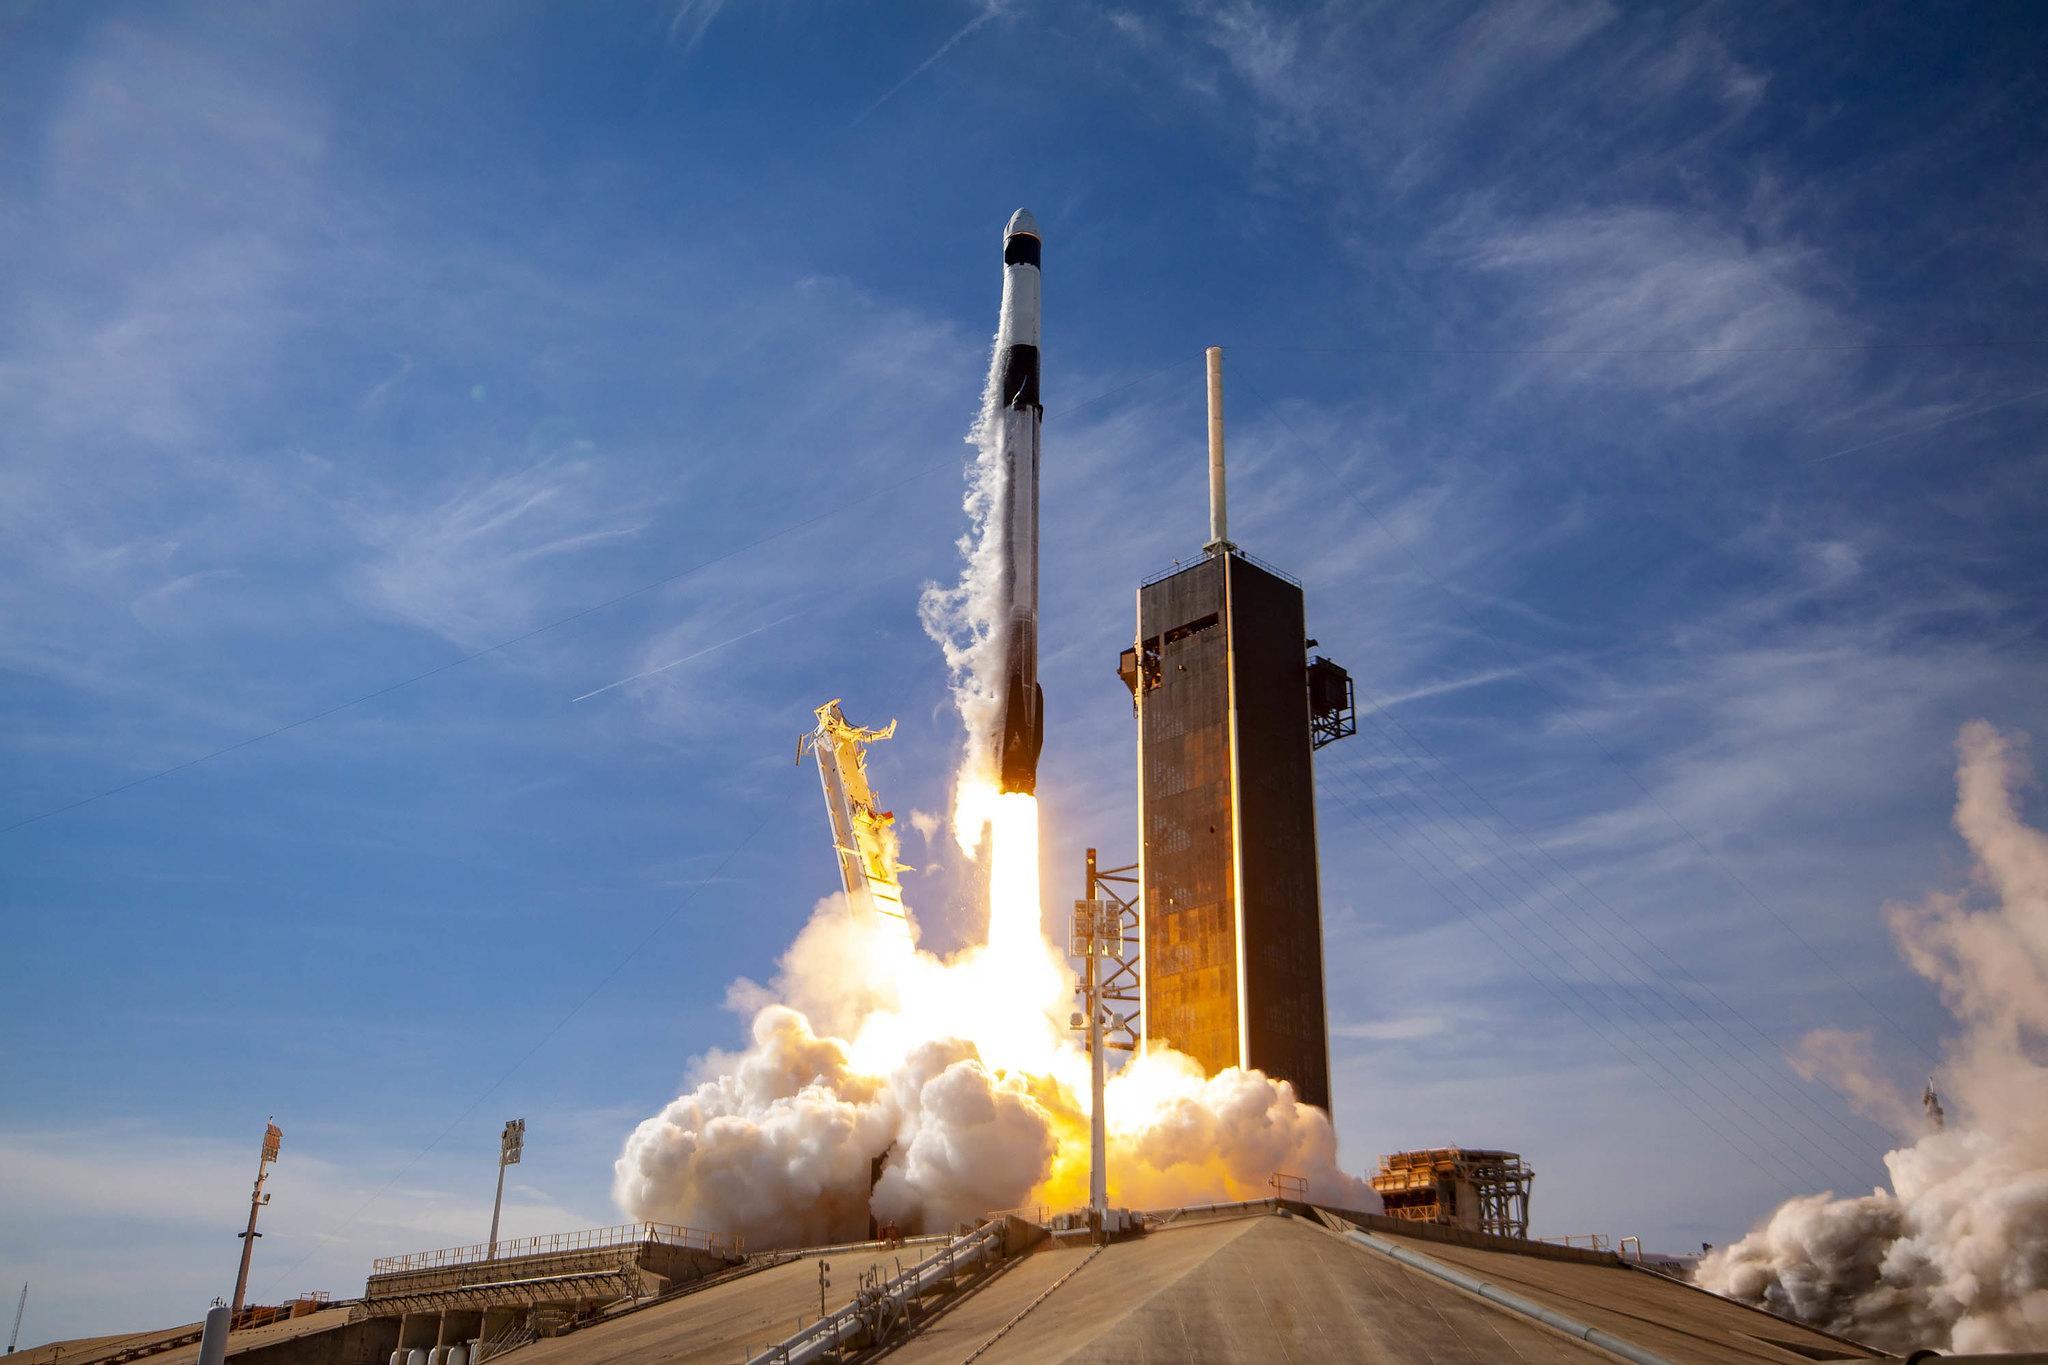 Imaginea 1: Lansarea rachetei Falcon 9 B1058.4 în misiunea CRS-21, urcând pe orbită prima capsulă cargo Dragon de nouă generație (Sursa: SpaceX).